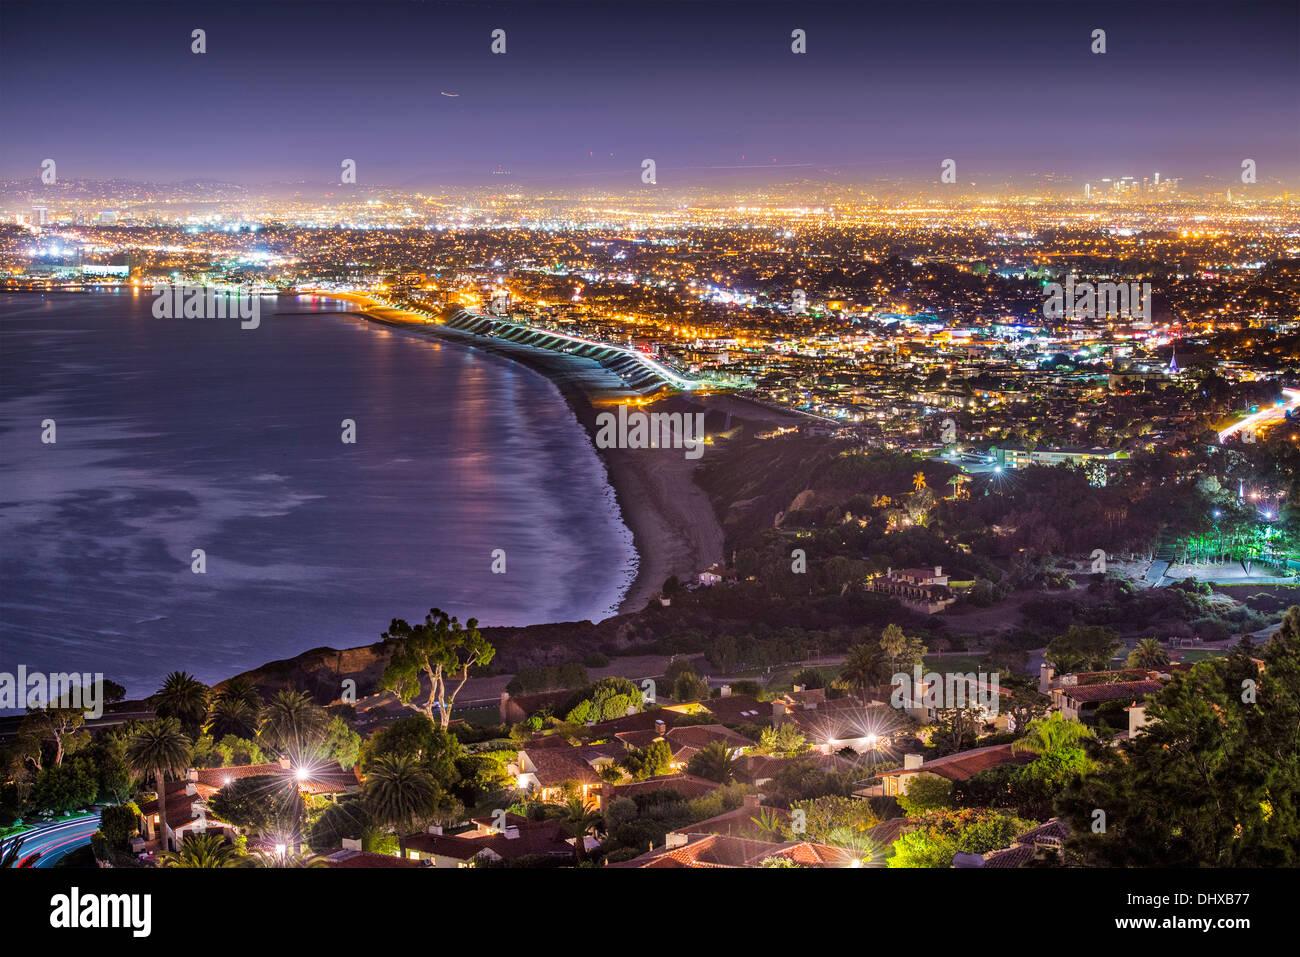 La costa del Pacífico de Los Ángeles, California, visto desde el Rancho Palos Verdes. Foto de stock